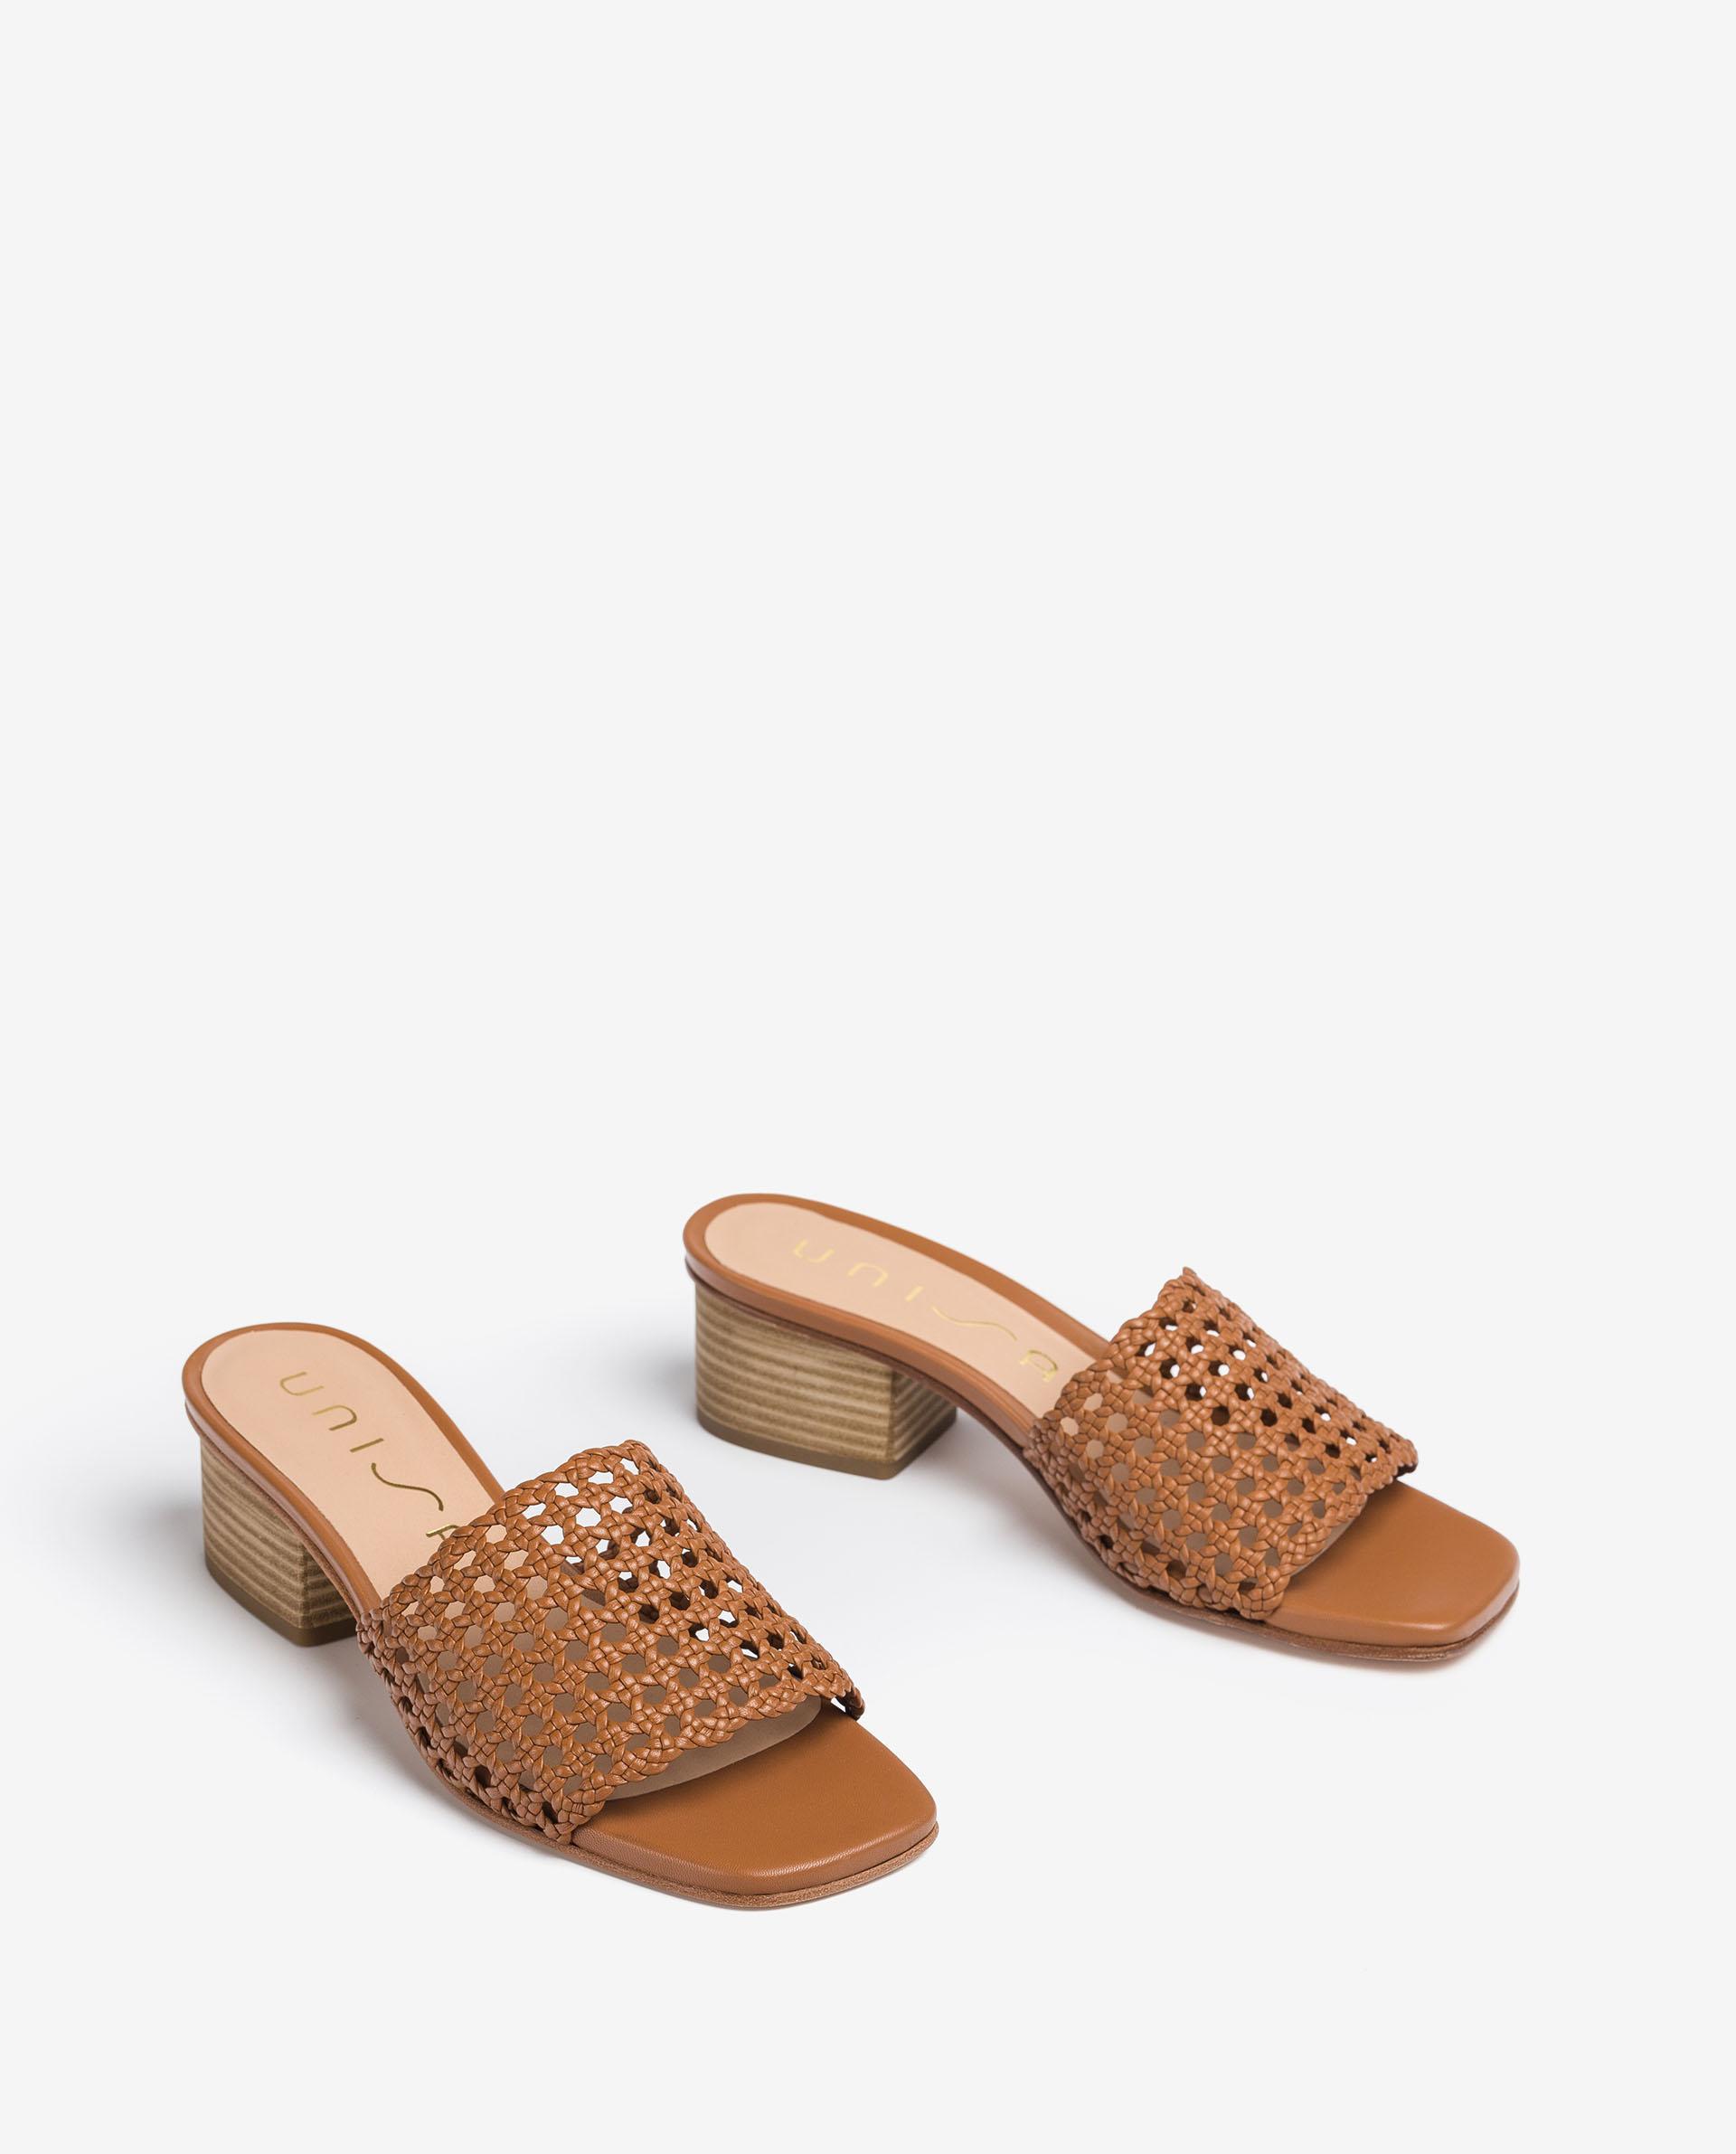 UNISA Square leather mules KOLY_NA 2